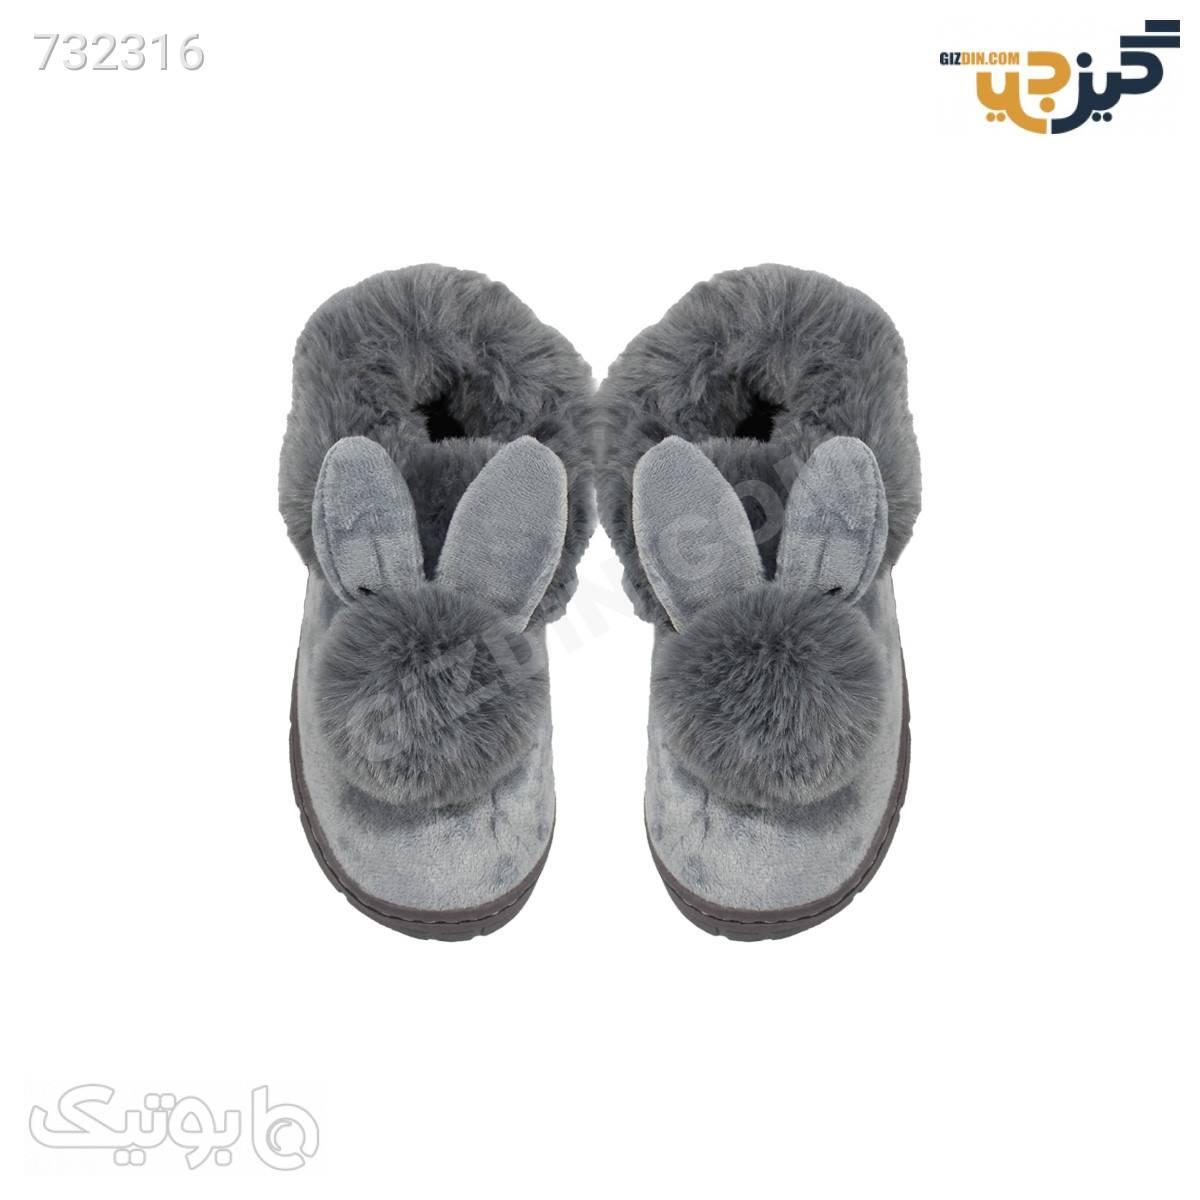 کفش عروسکی طرح خرگوش خزدار کد p103 مشکی کیف و کفش بچگانه